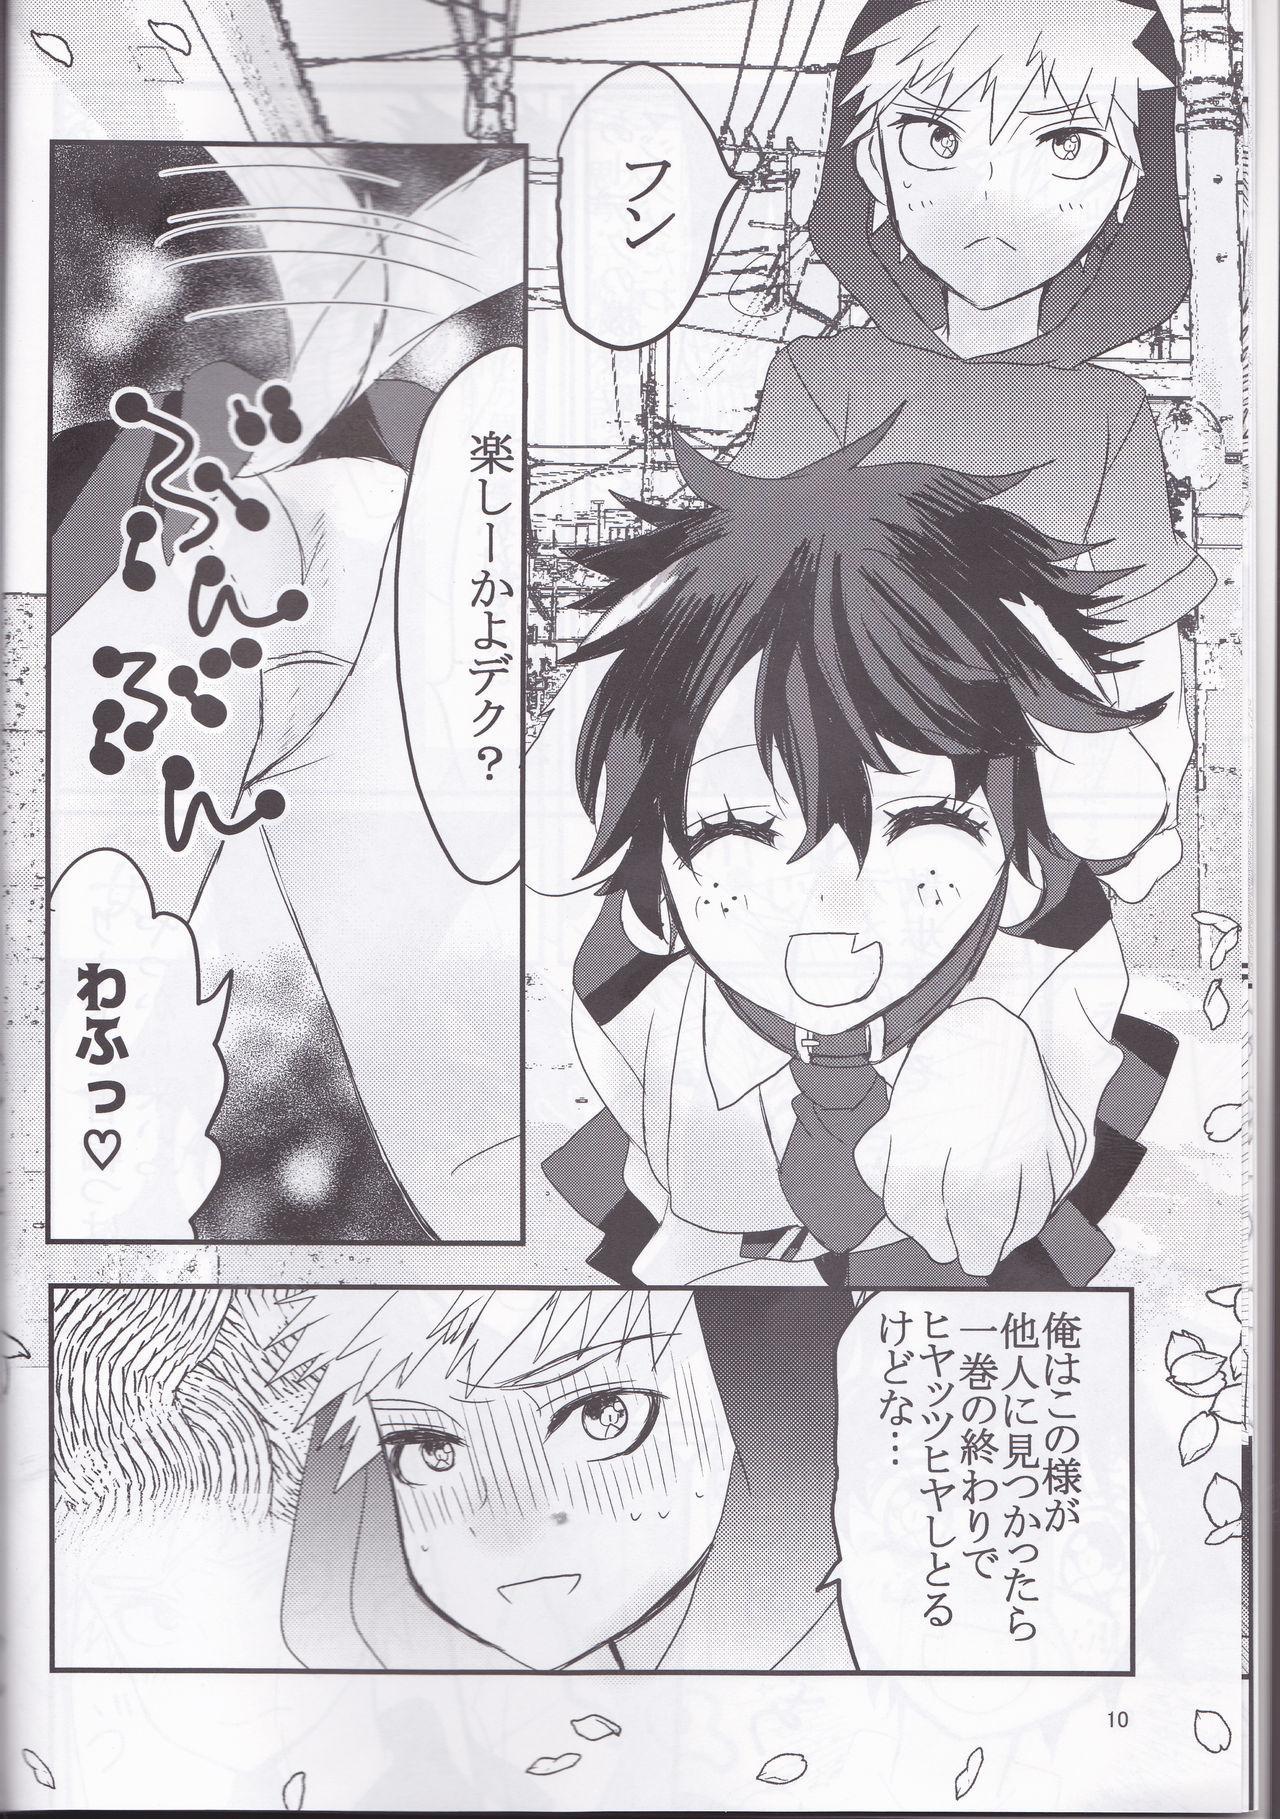 Yozakura Sanpomichi (Boku no Hero Academia] 9